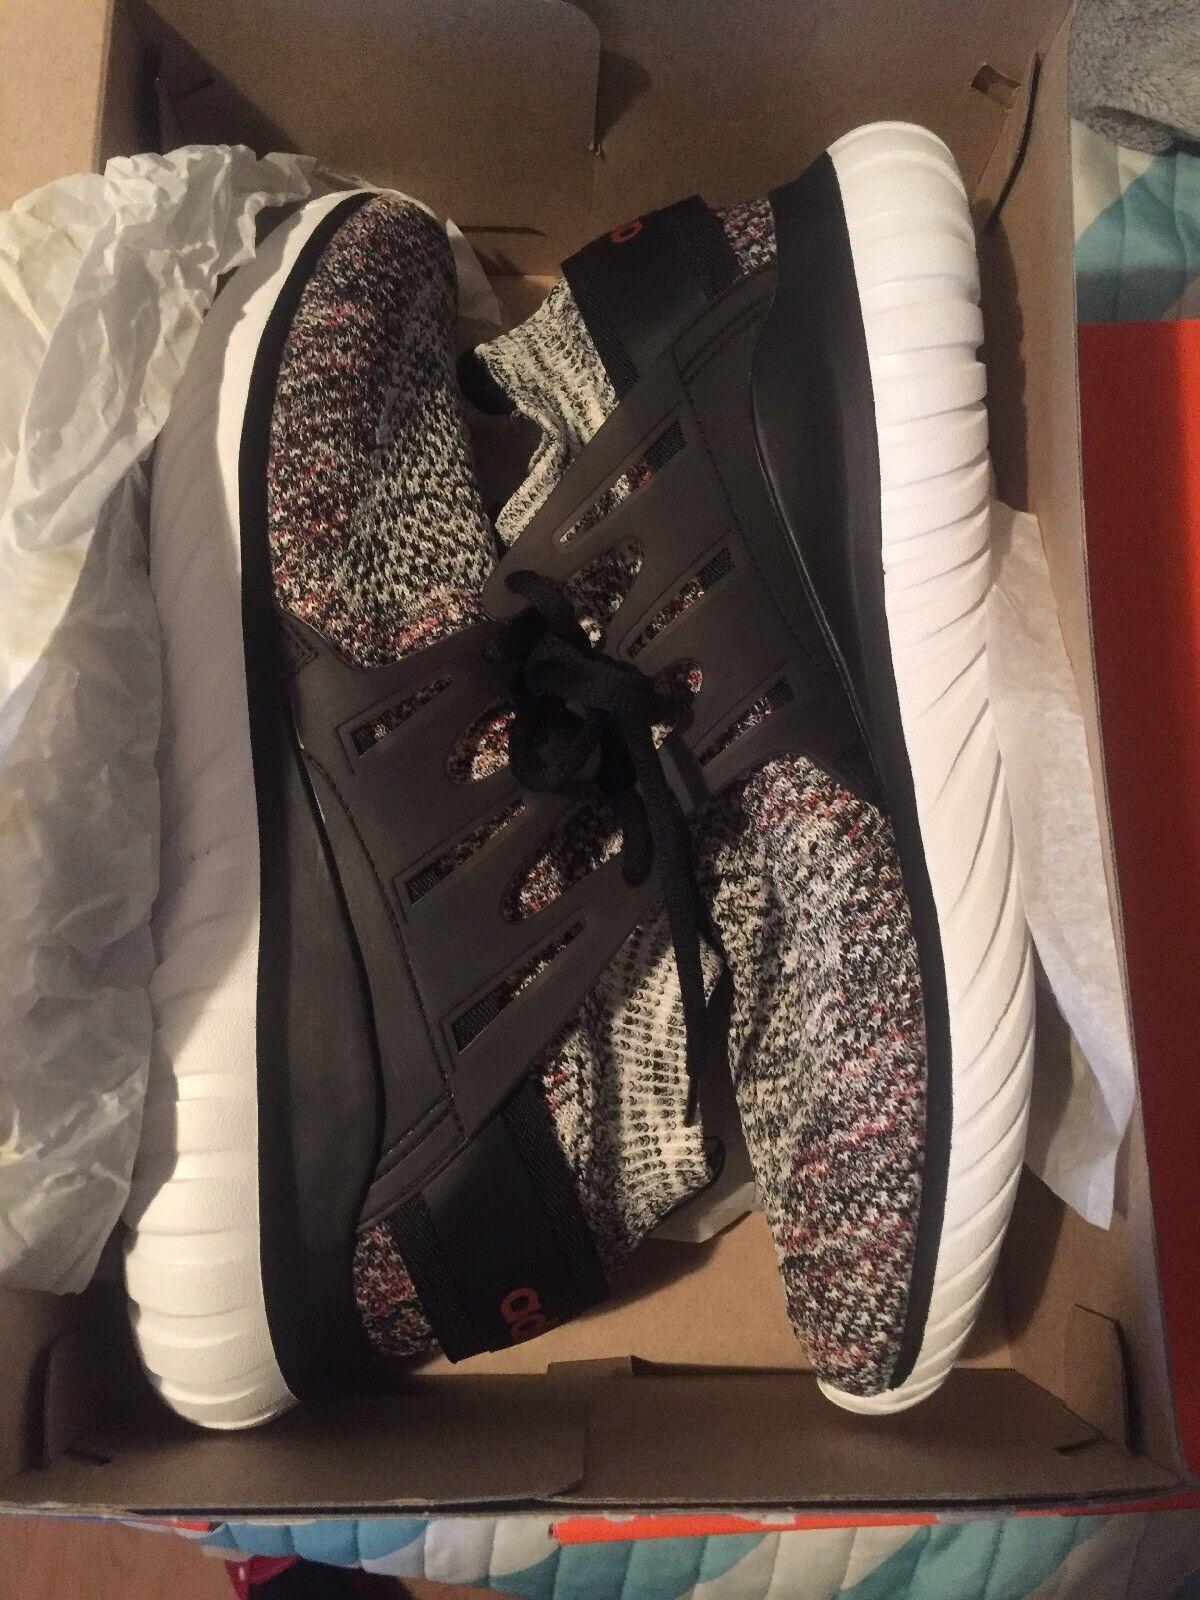 Adidas Originals tubular Nova PK primeknit cMarrón / NIB cNegro / mysred bb8409 NIB / 10,5 nuevos zapatos para hombres y mujeres, el limitado tiempo de descuento d65f18